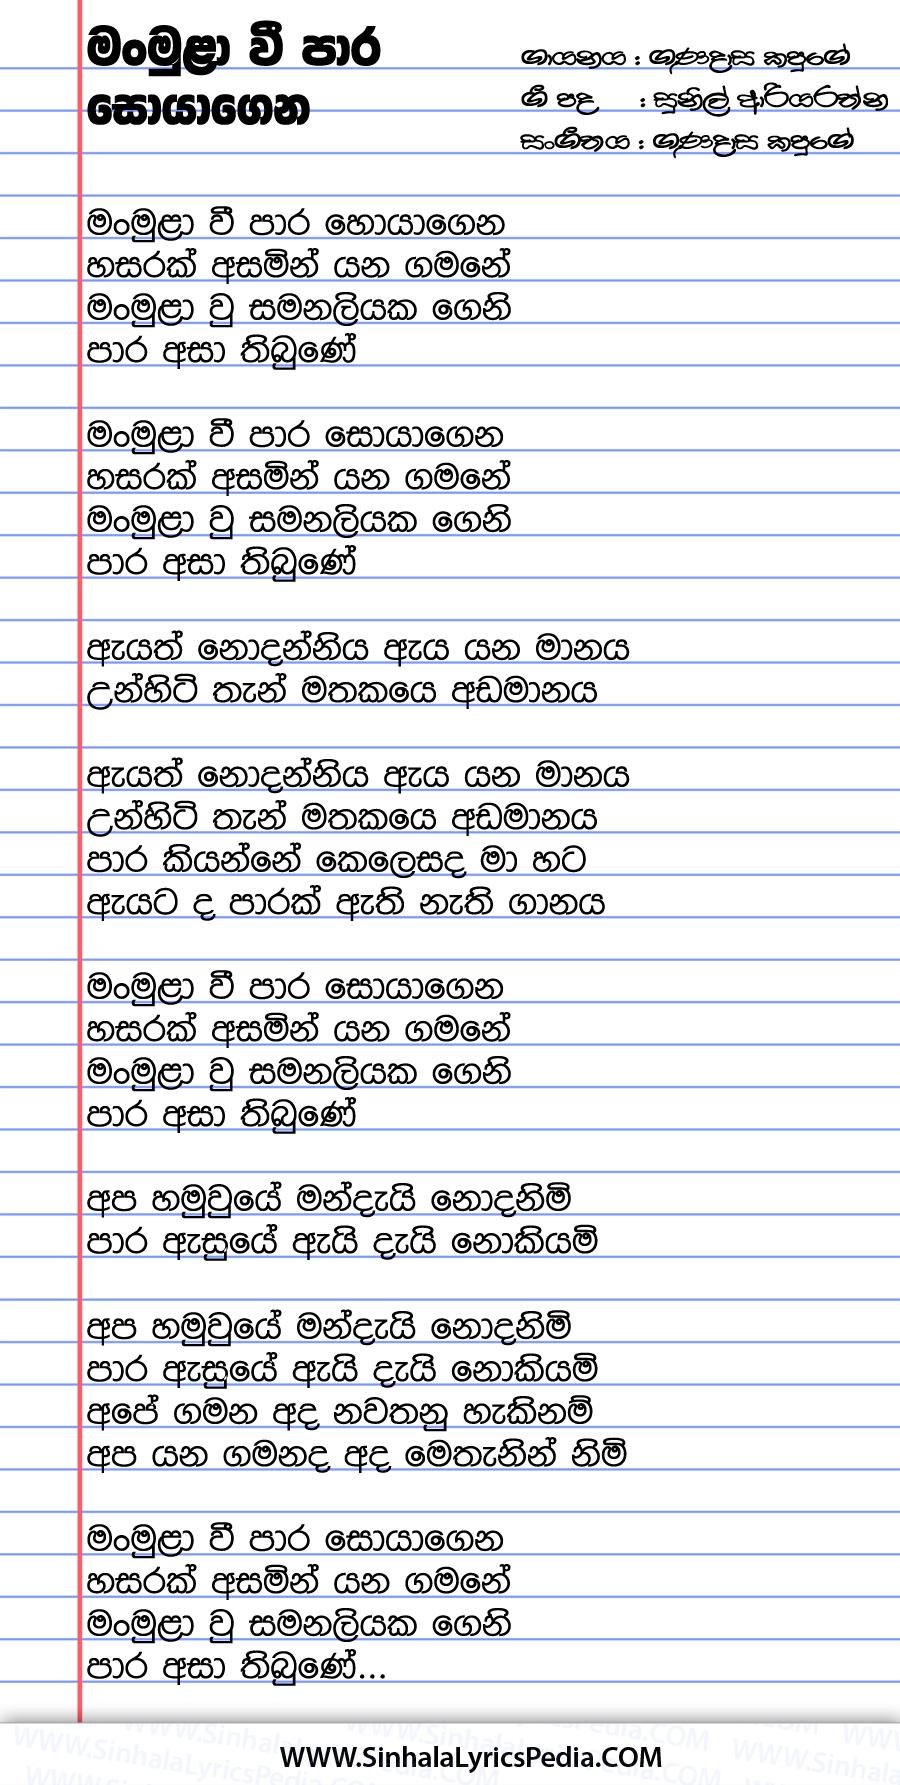 Man Mulawee Para Soyagena Song Lyrics